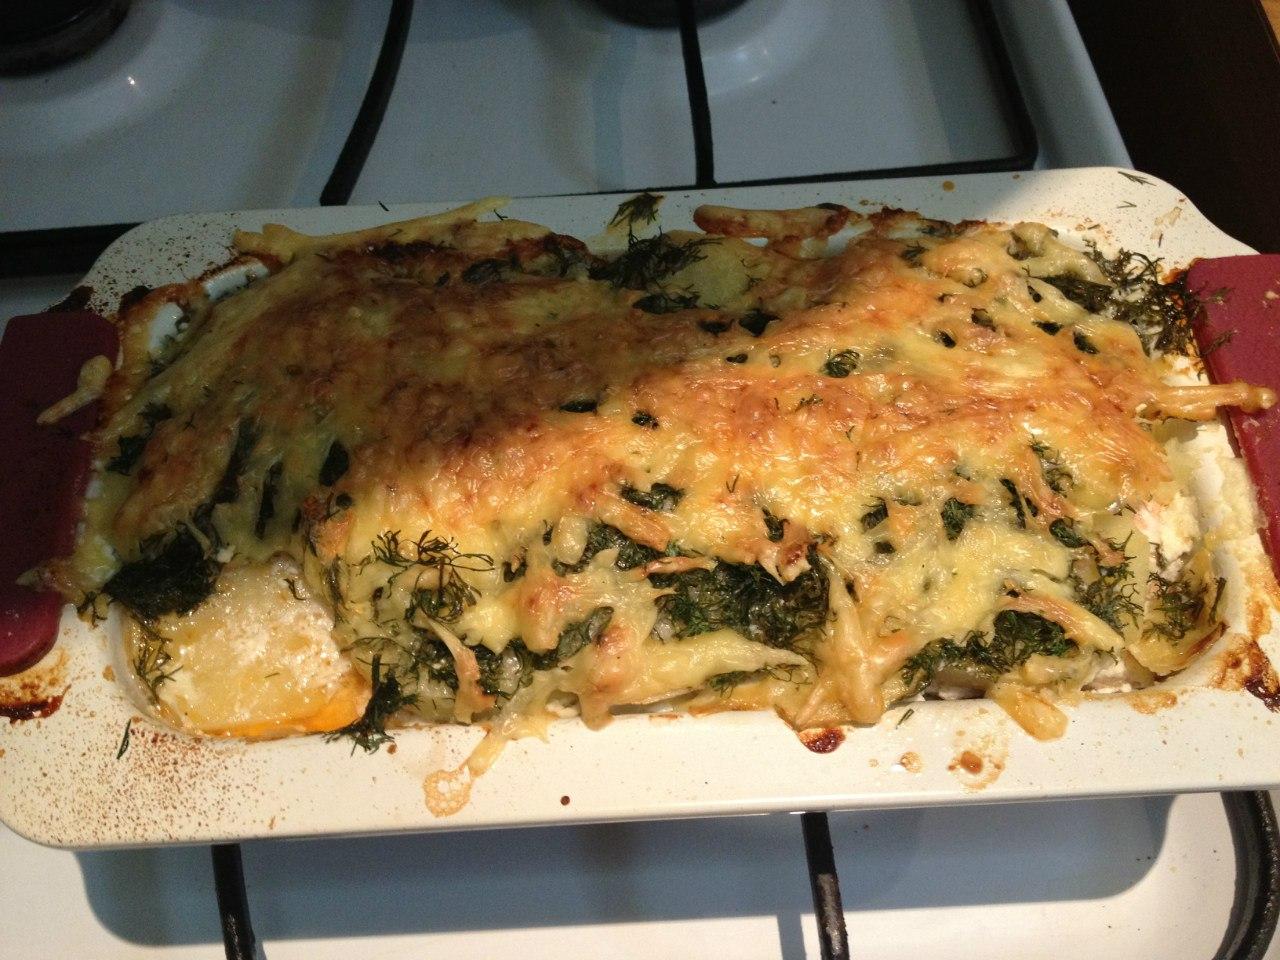 Рыбная запеканка: поставить в духовку на 40-50 минут